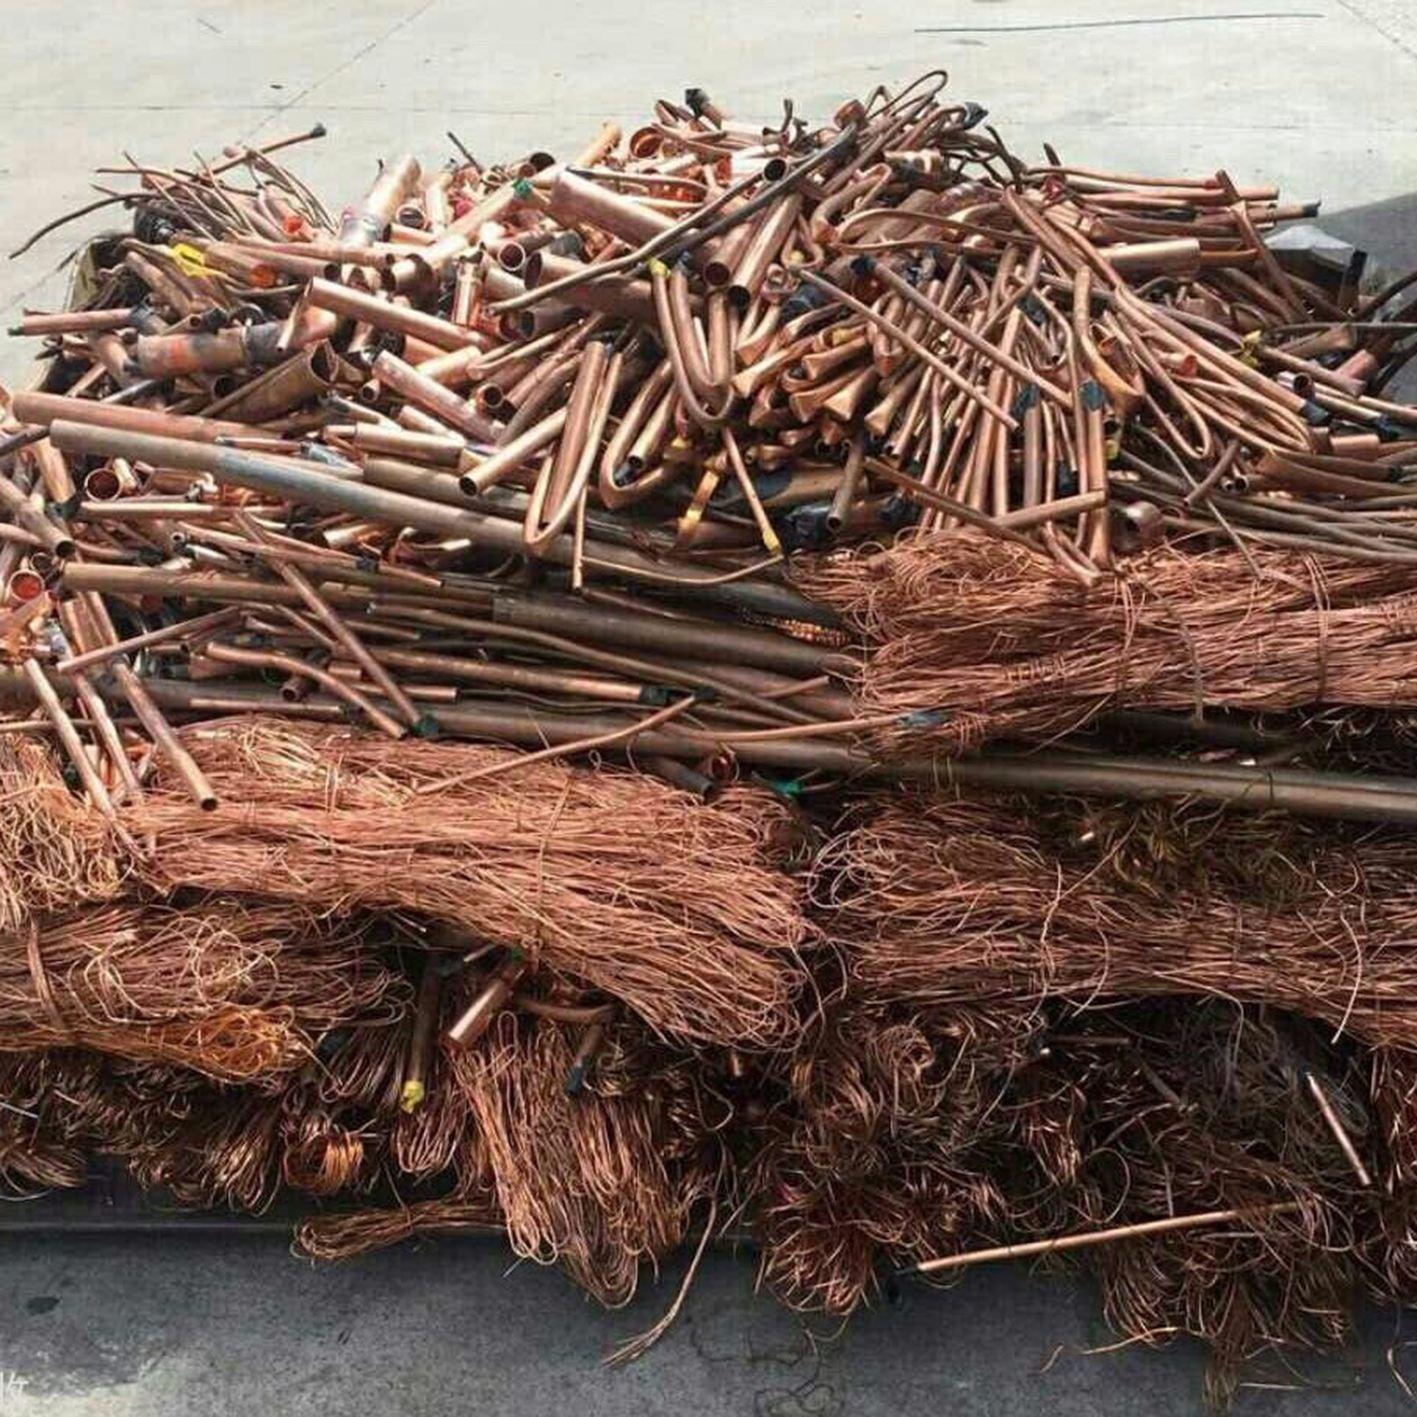 深圳市盐田区废旧废铜回收,回收废铜